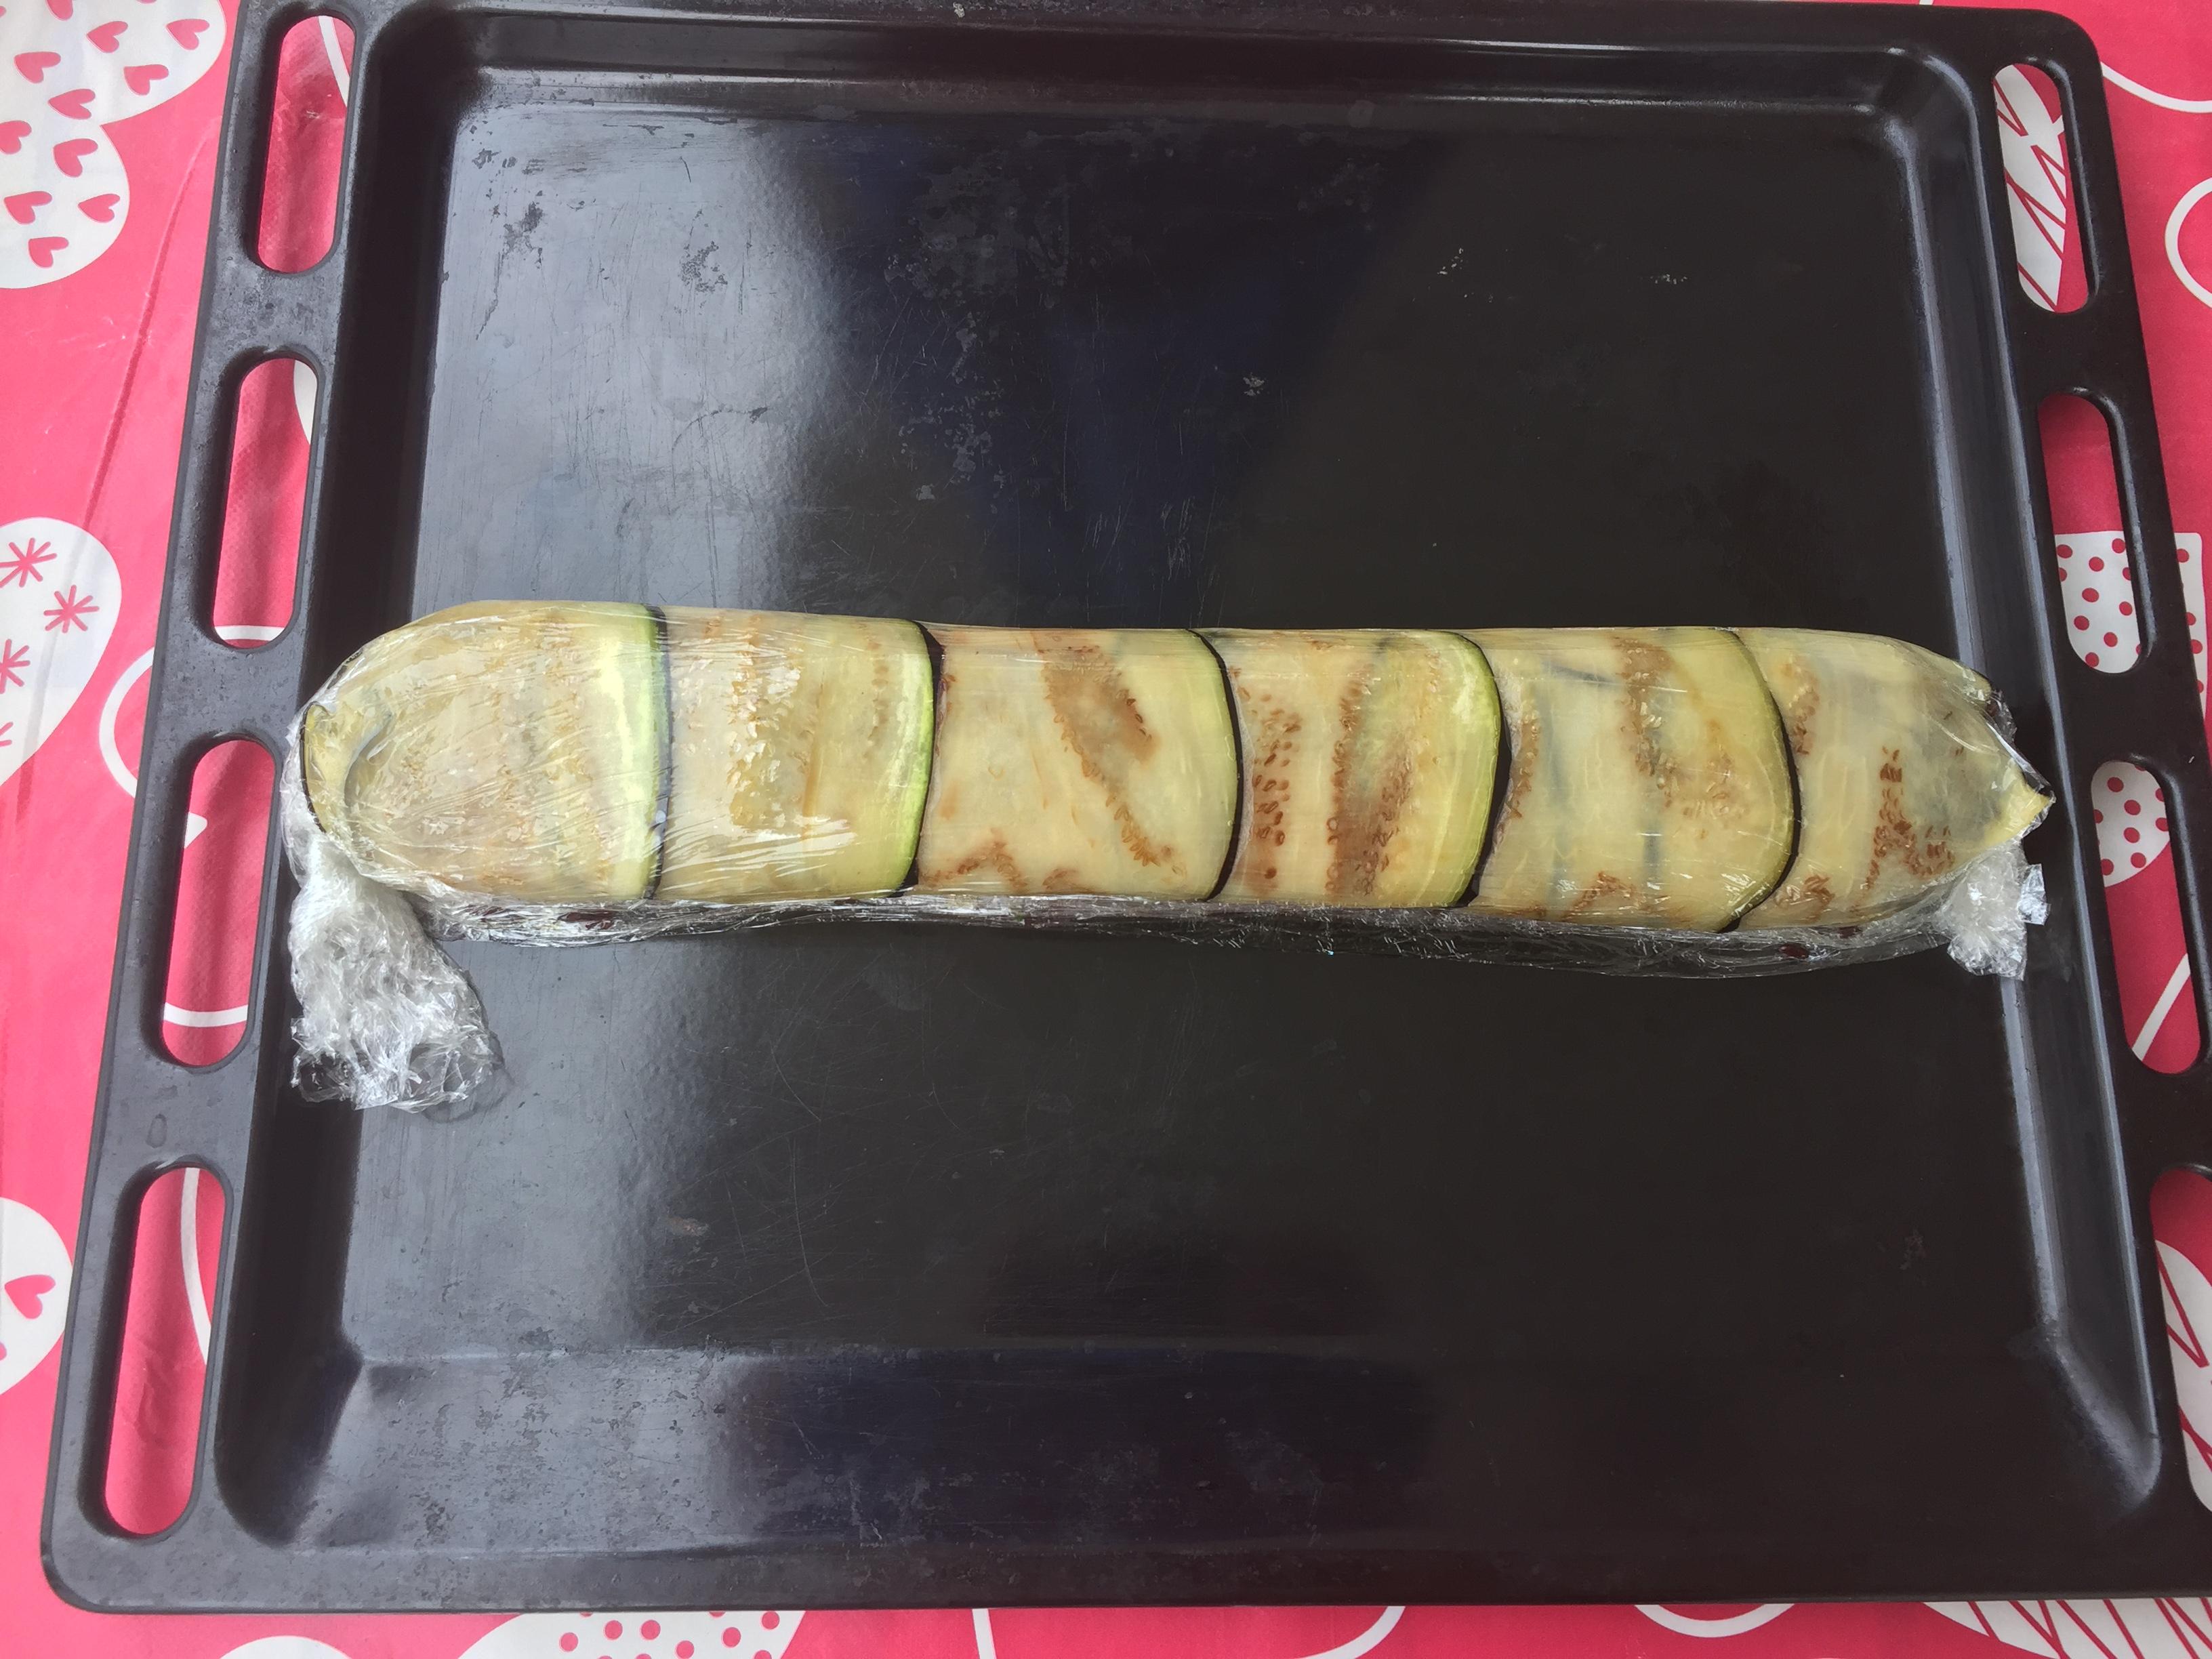 Siamo arrivati alla terza e ultima fase per la preparazione delRolle' di melanzane con riso venere. Per comodità ho utilizzato una placca da forno per lavorare il rotolo. L'ho rivestita con la pellicola trasparente (foto 1). Ho distribuito le fette di melanzane fritte su tutta la superficie (foto 2). A questo punto, condire il riso venere con le melanzane tagliate a dadini (foto 3)